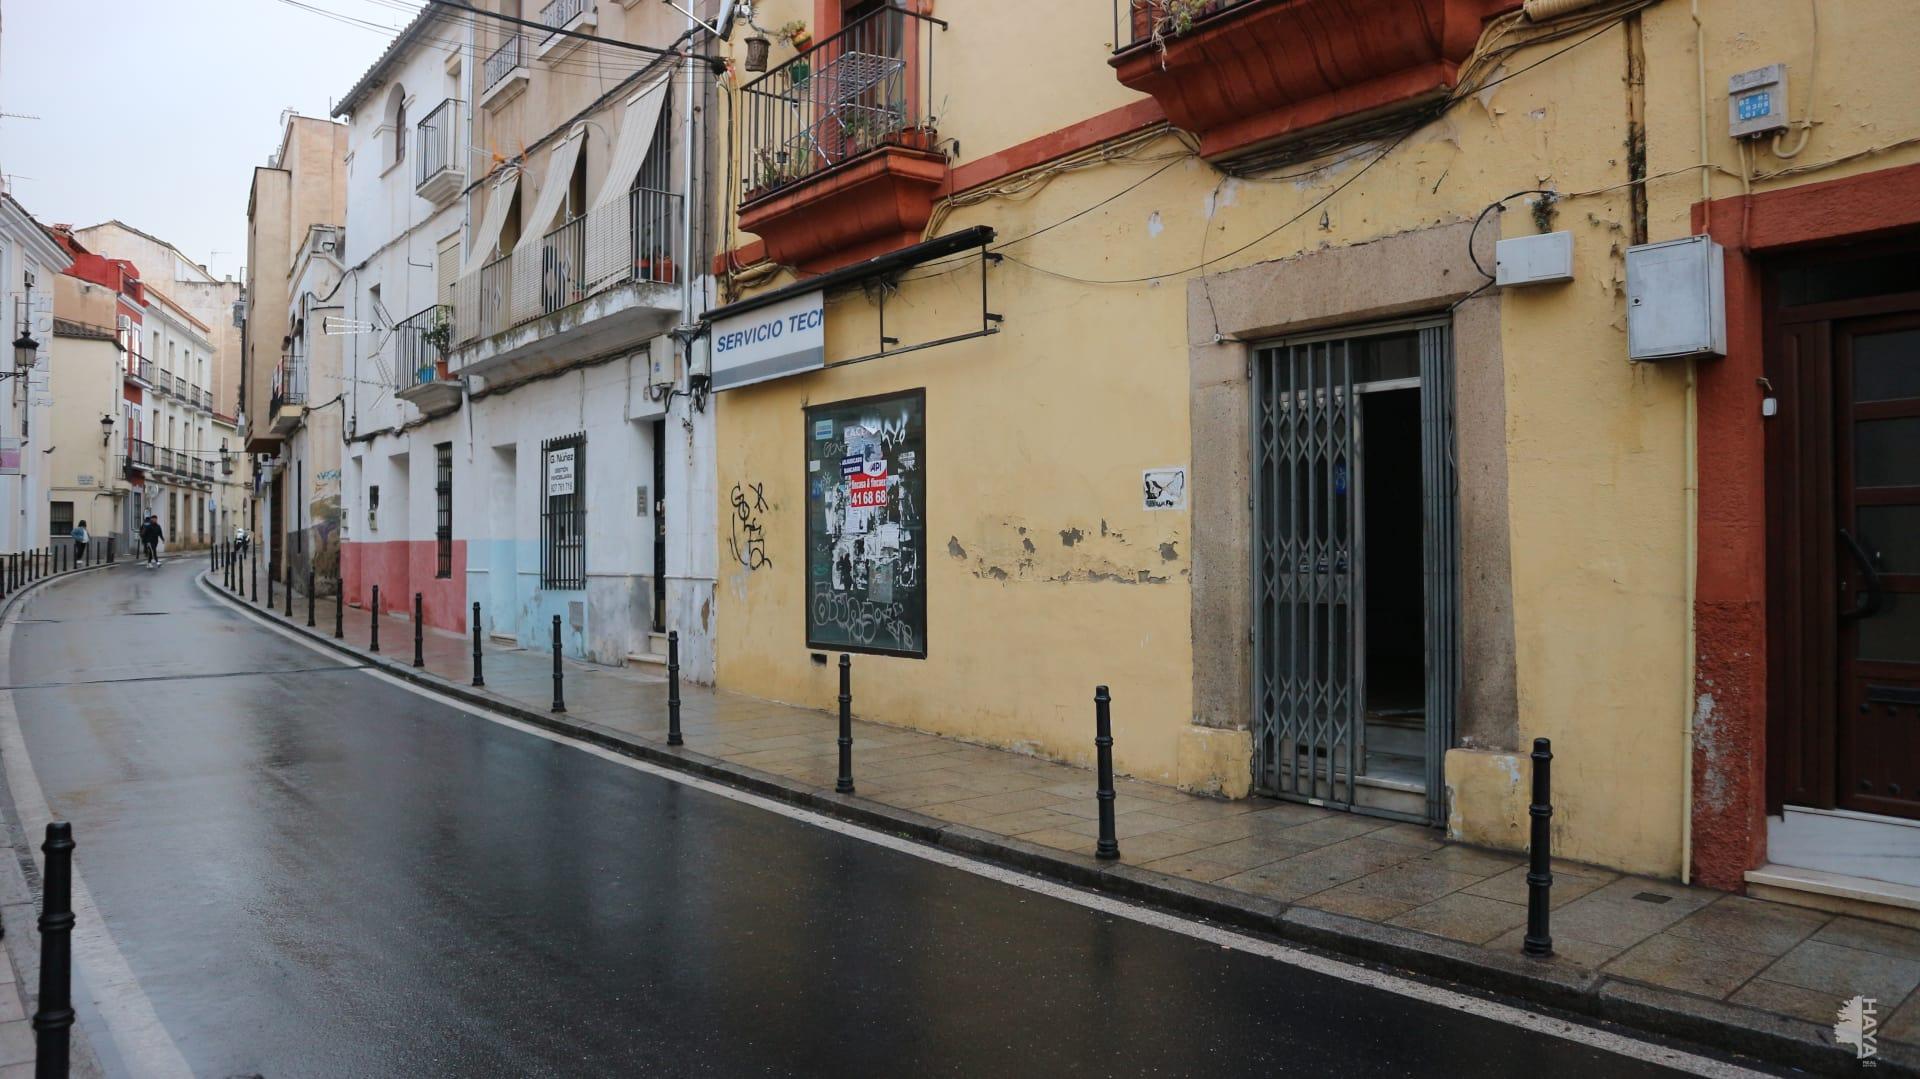 Local en venta en Cáceres, Cáceres, Calle Parras, 139.800 €, 120 m2